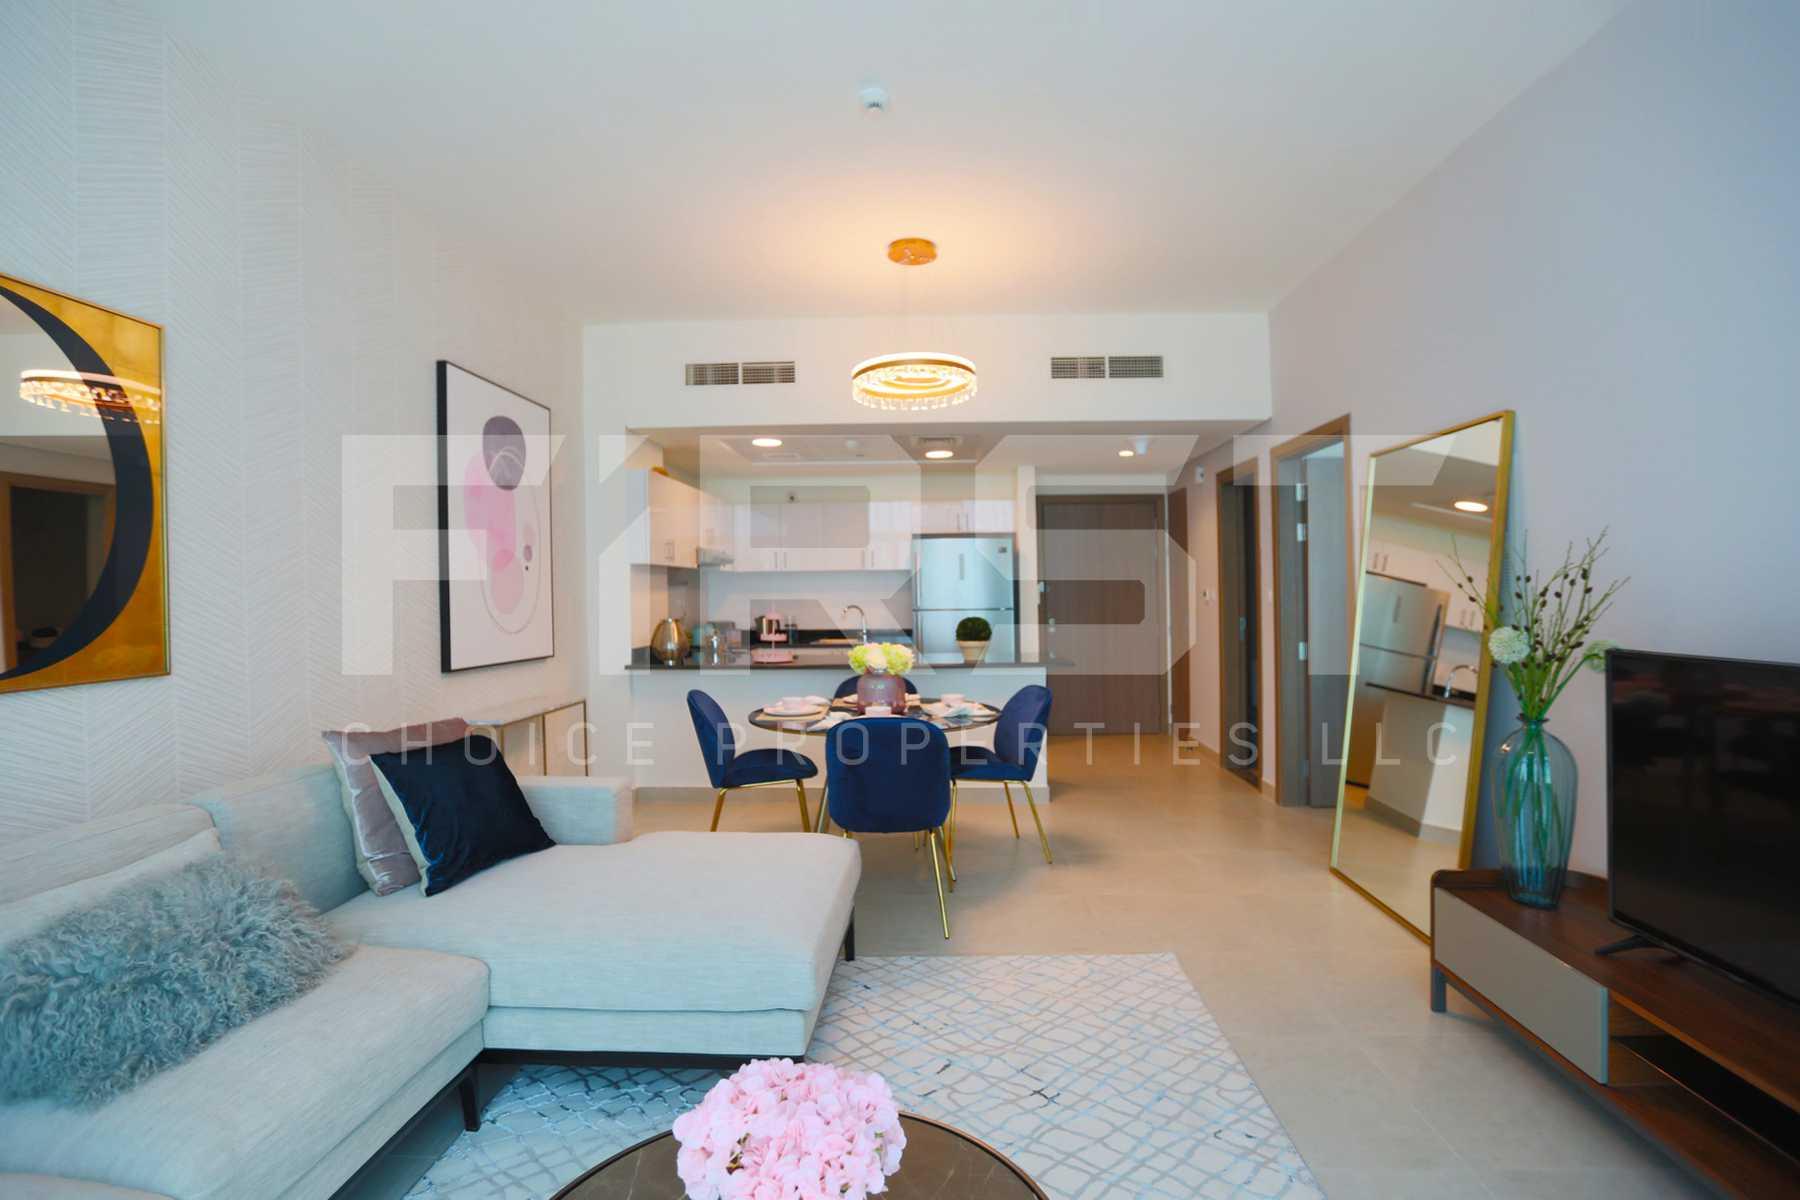 Internal of 1 Bedroom Apartment in Park view Saadiyat Ilsand Abu Dhabi UAE (23).jpg